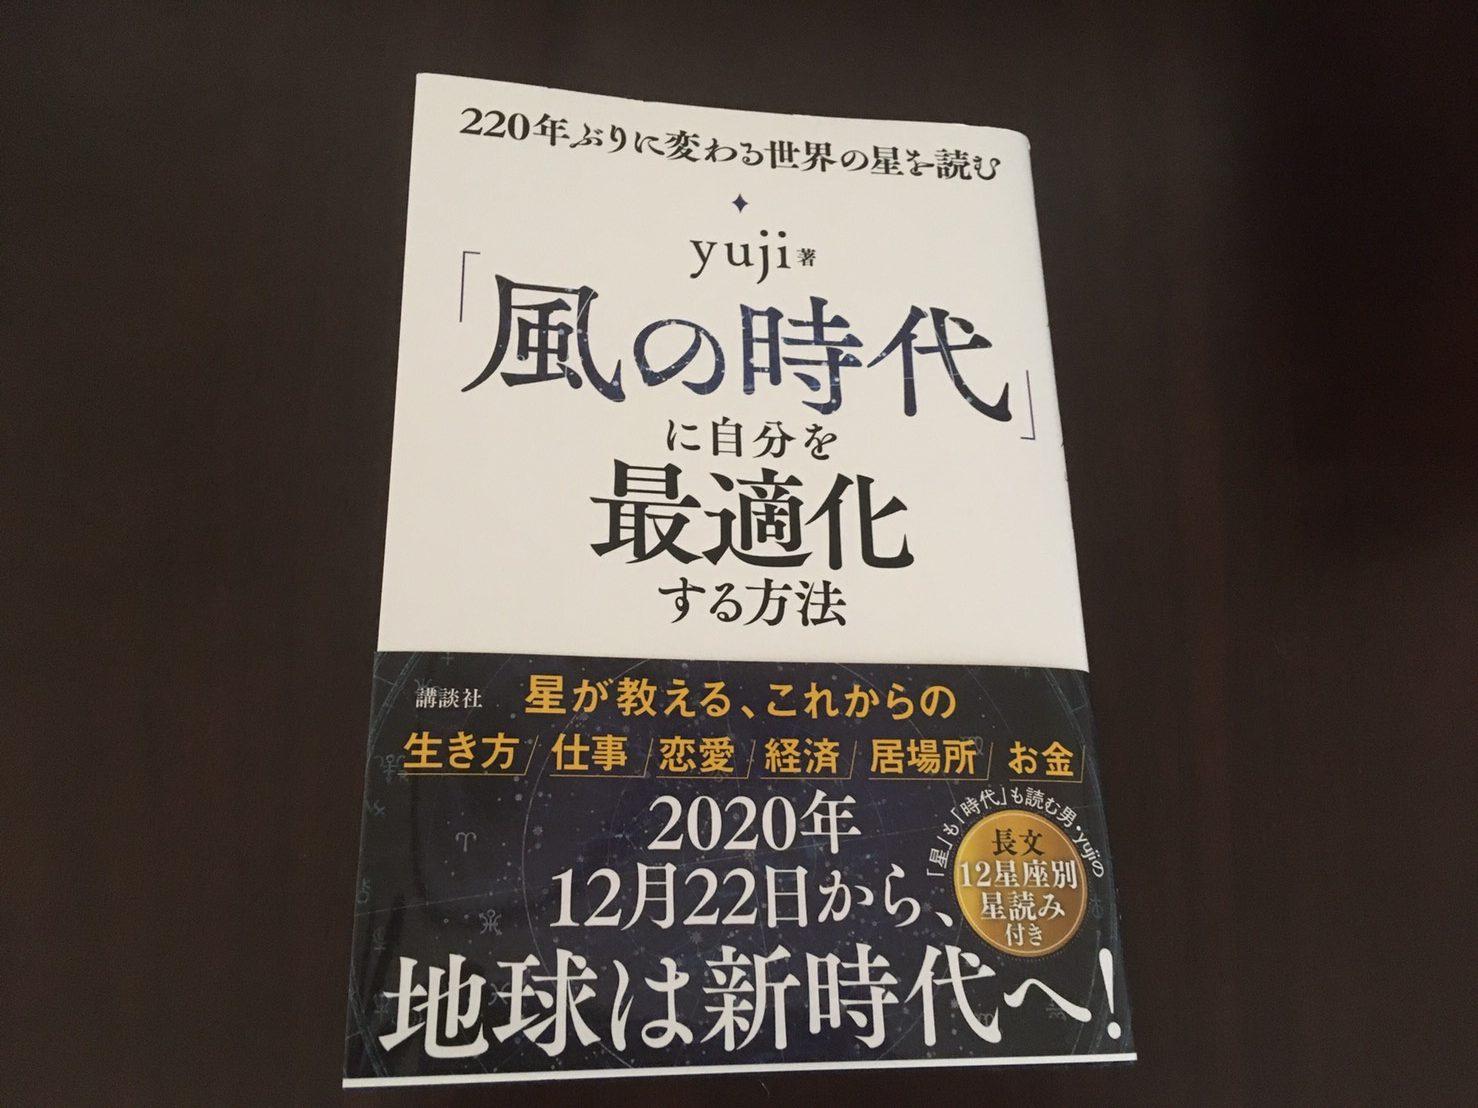 「風の時代」に自分を最適化する方法  占い yuji 感想 書評 要約 投資 仮想通貨 風の時代 株式投資